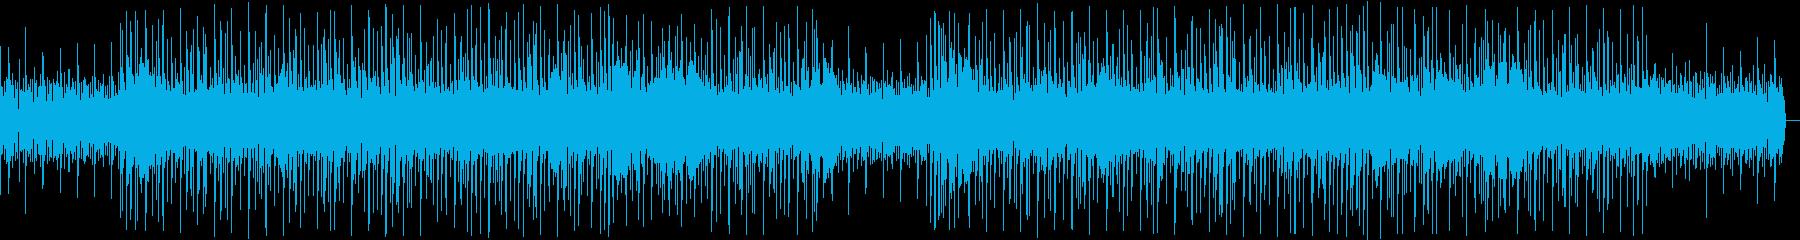 コミカルでかわいい渋谷系ファンク別verの再生済みの波形